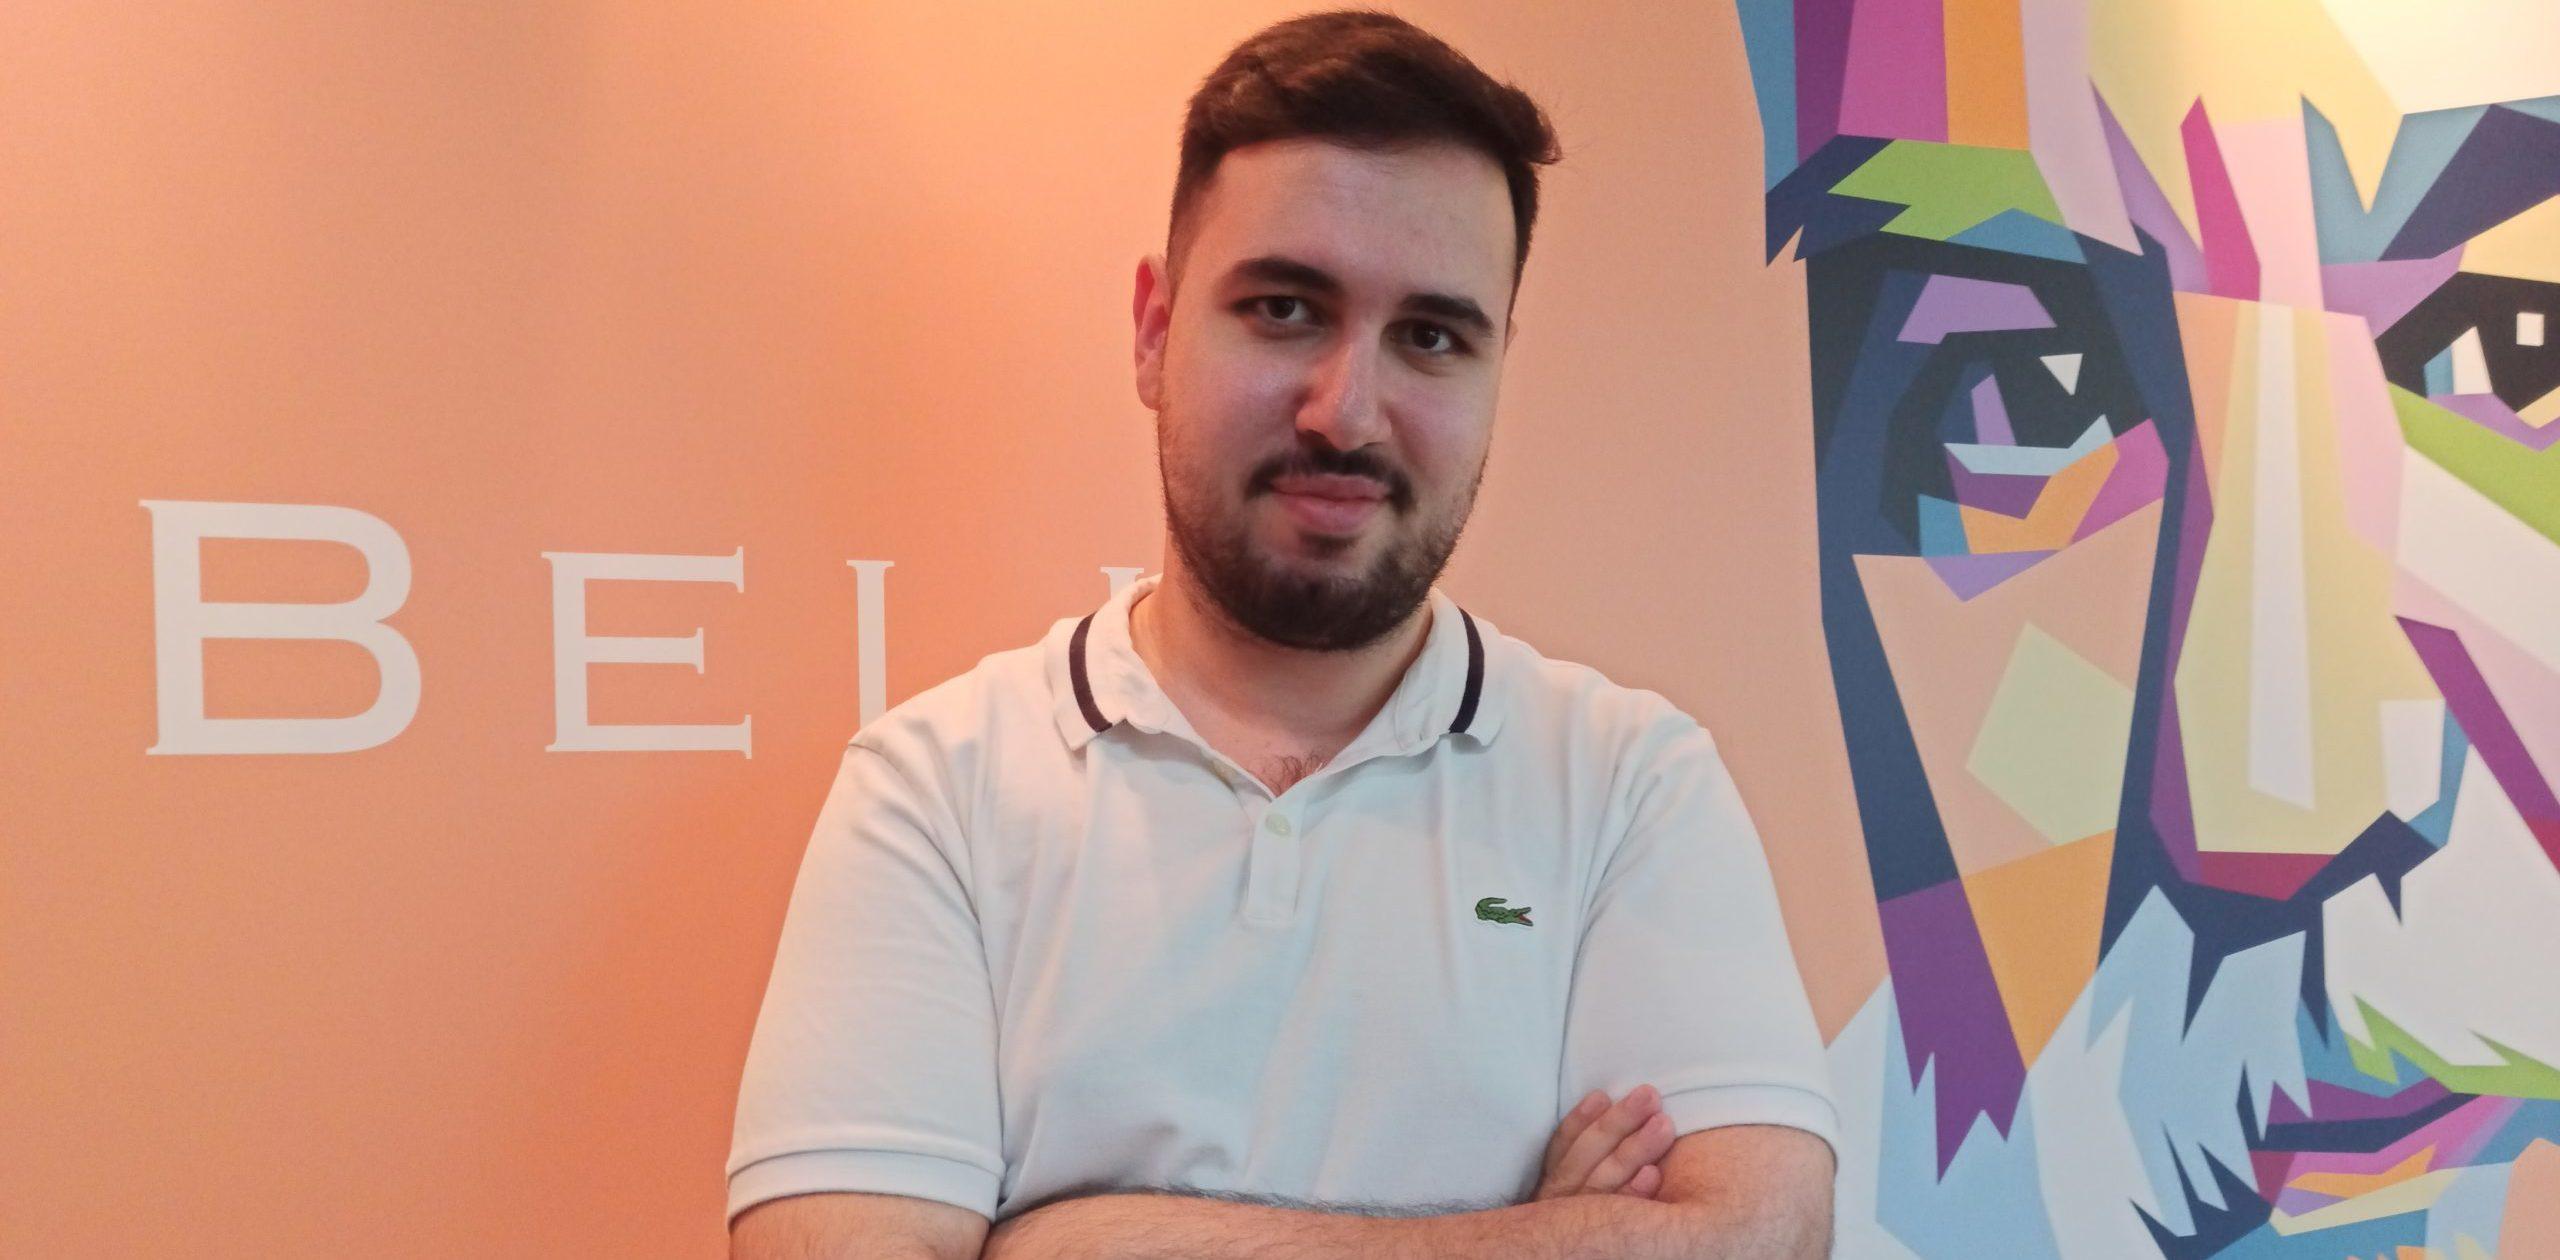 Onur Eyikul, соучредитель Axell Studio, о разработке мобильных игр, привлечении инвестиций и игровой индустрии в Турции